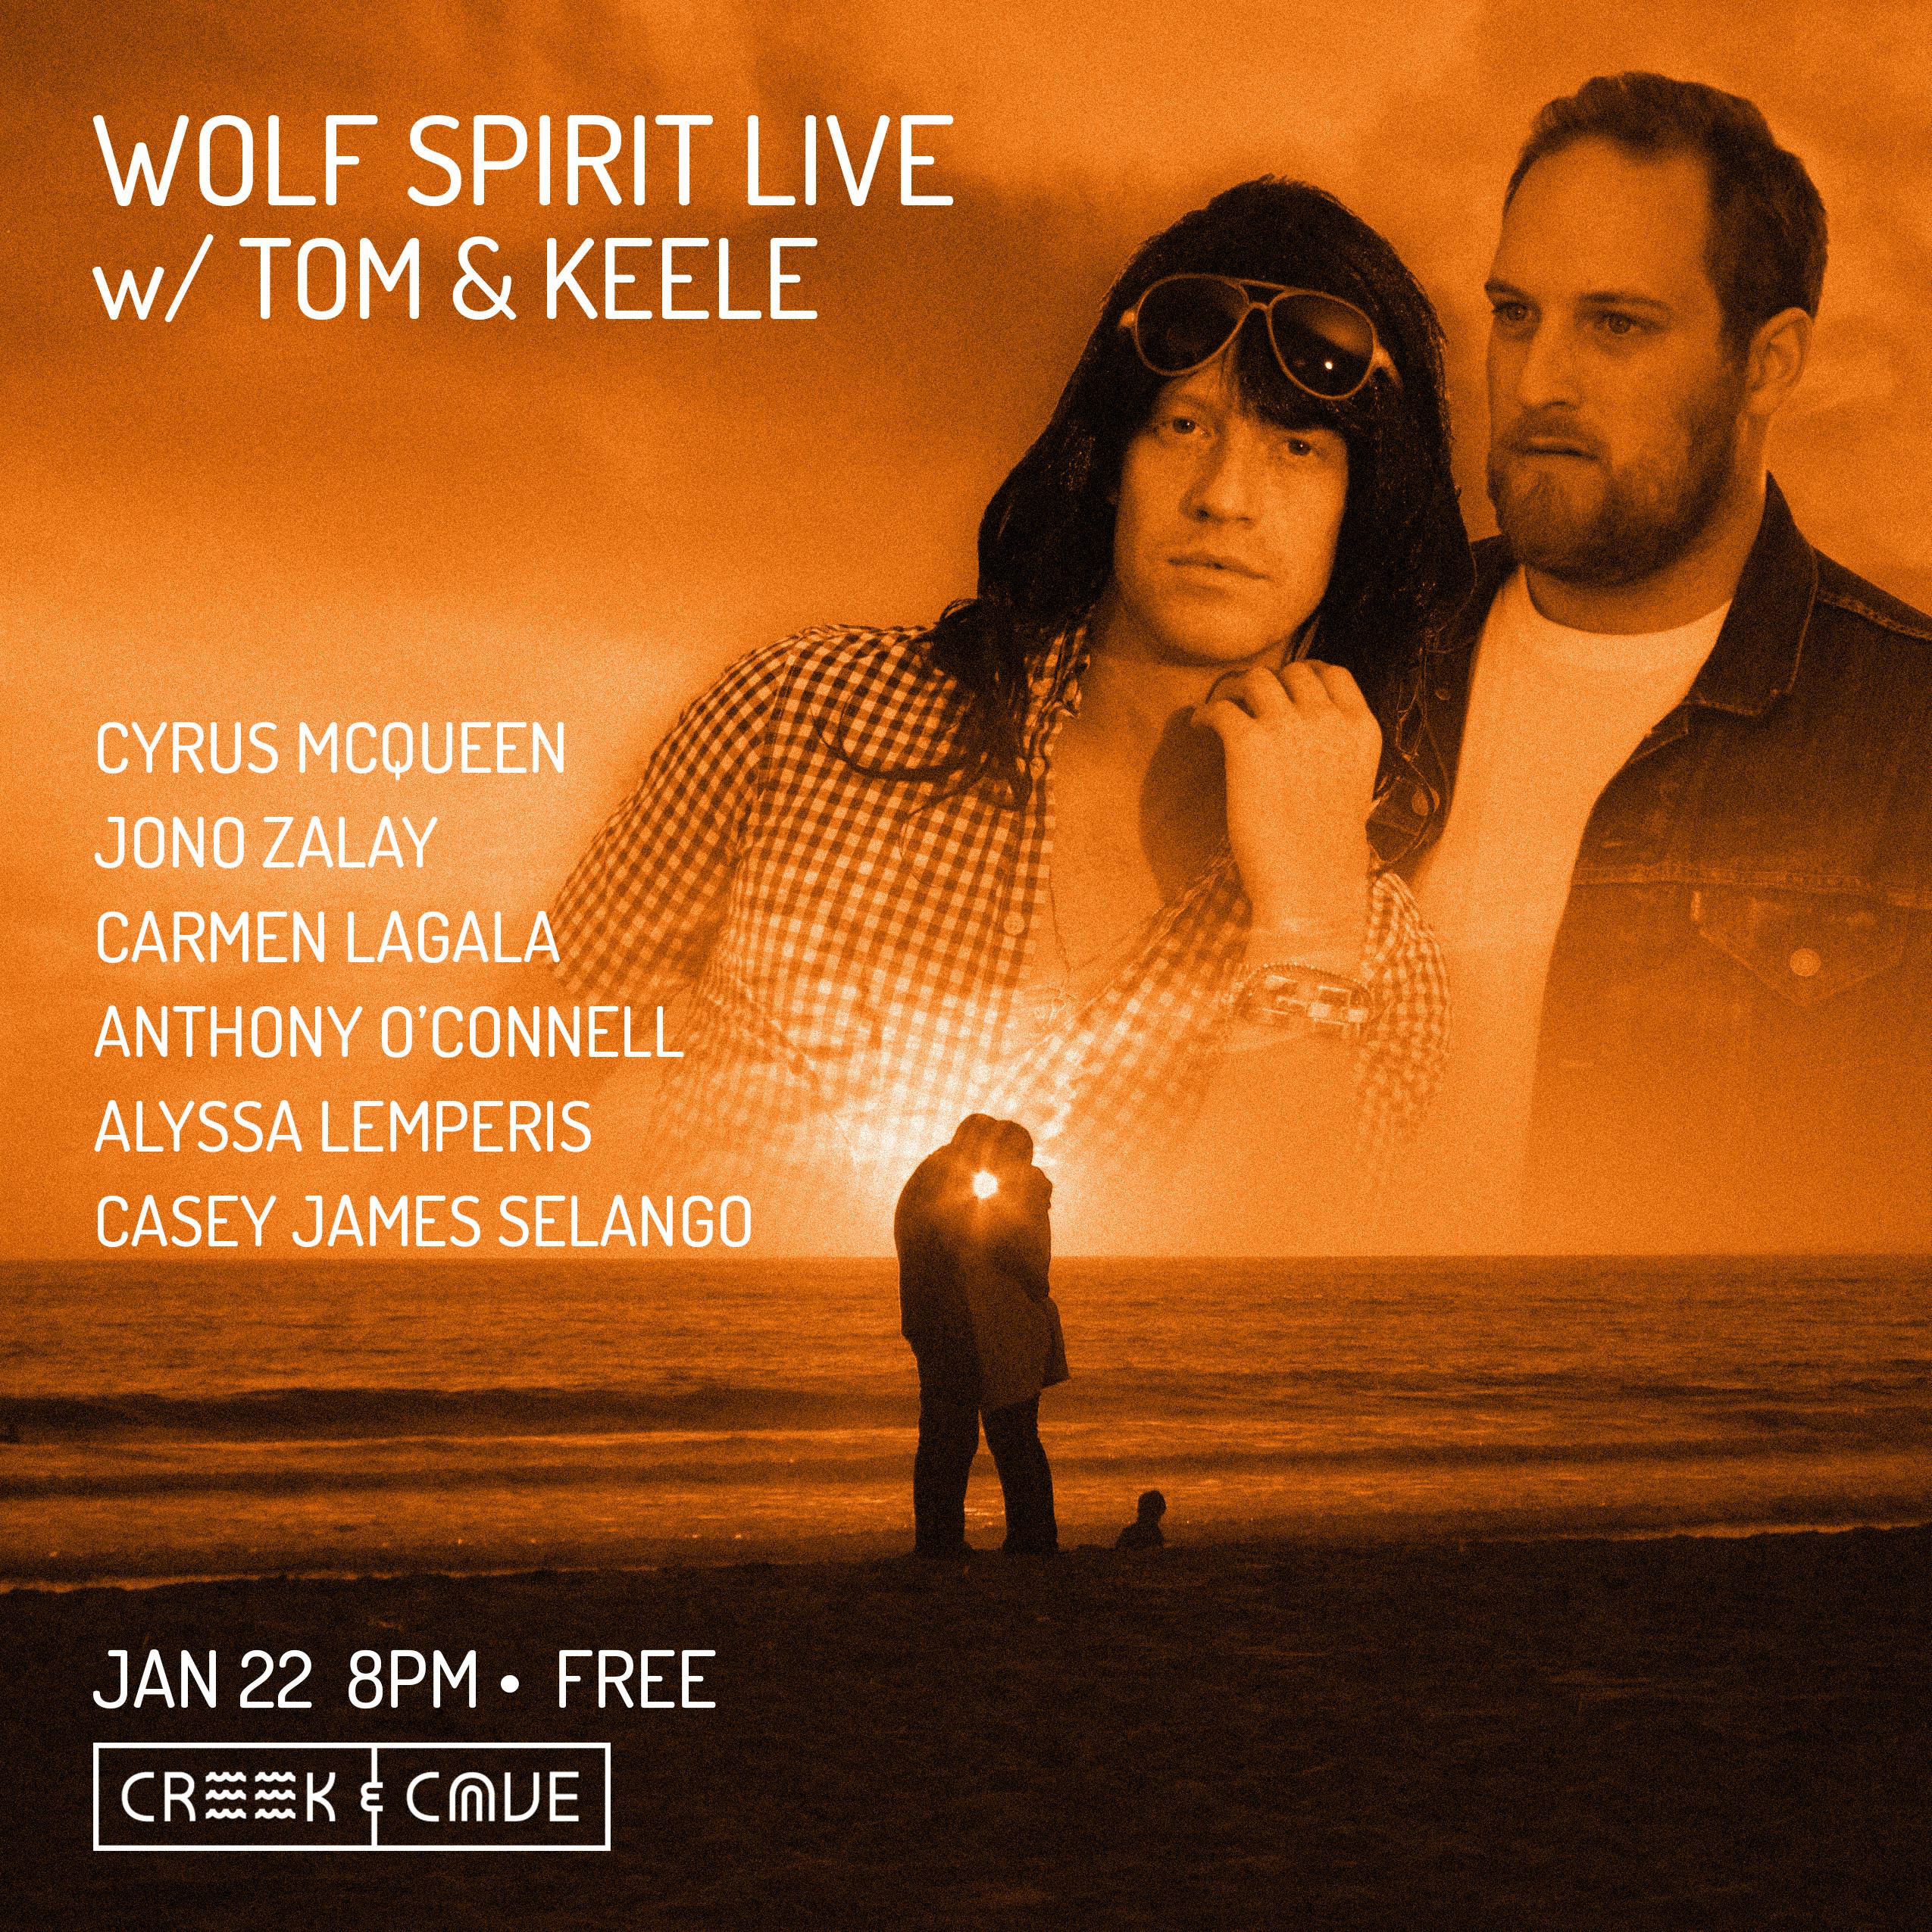 Wolf Spirit Live 1/22